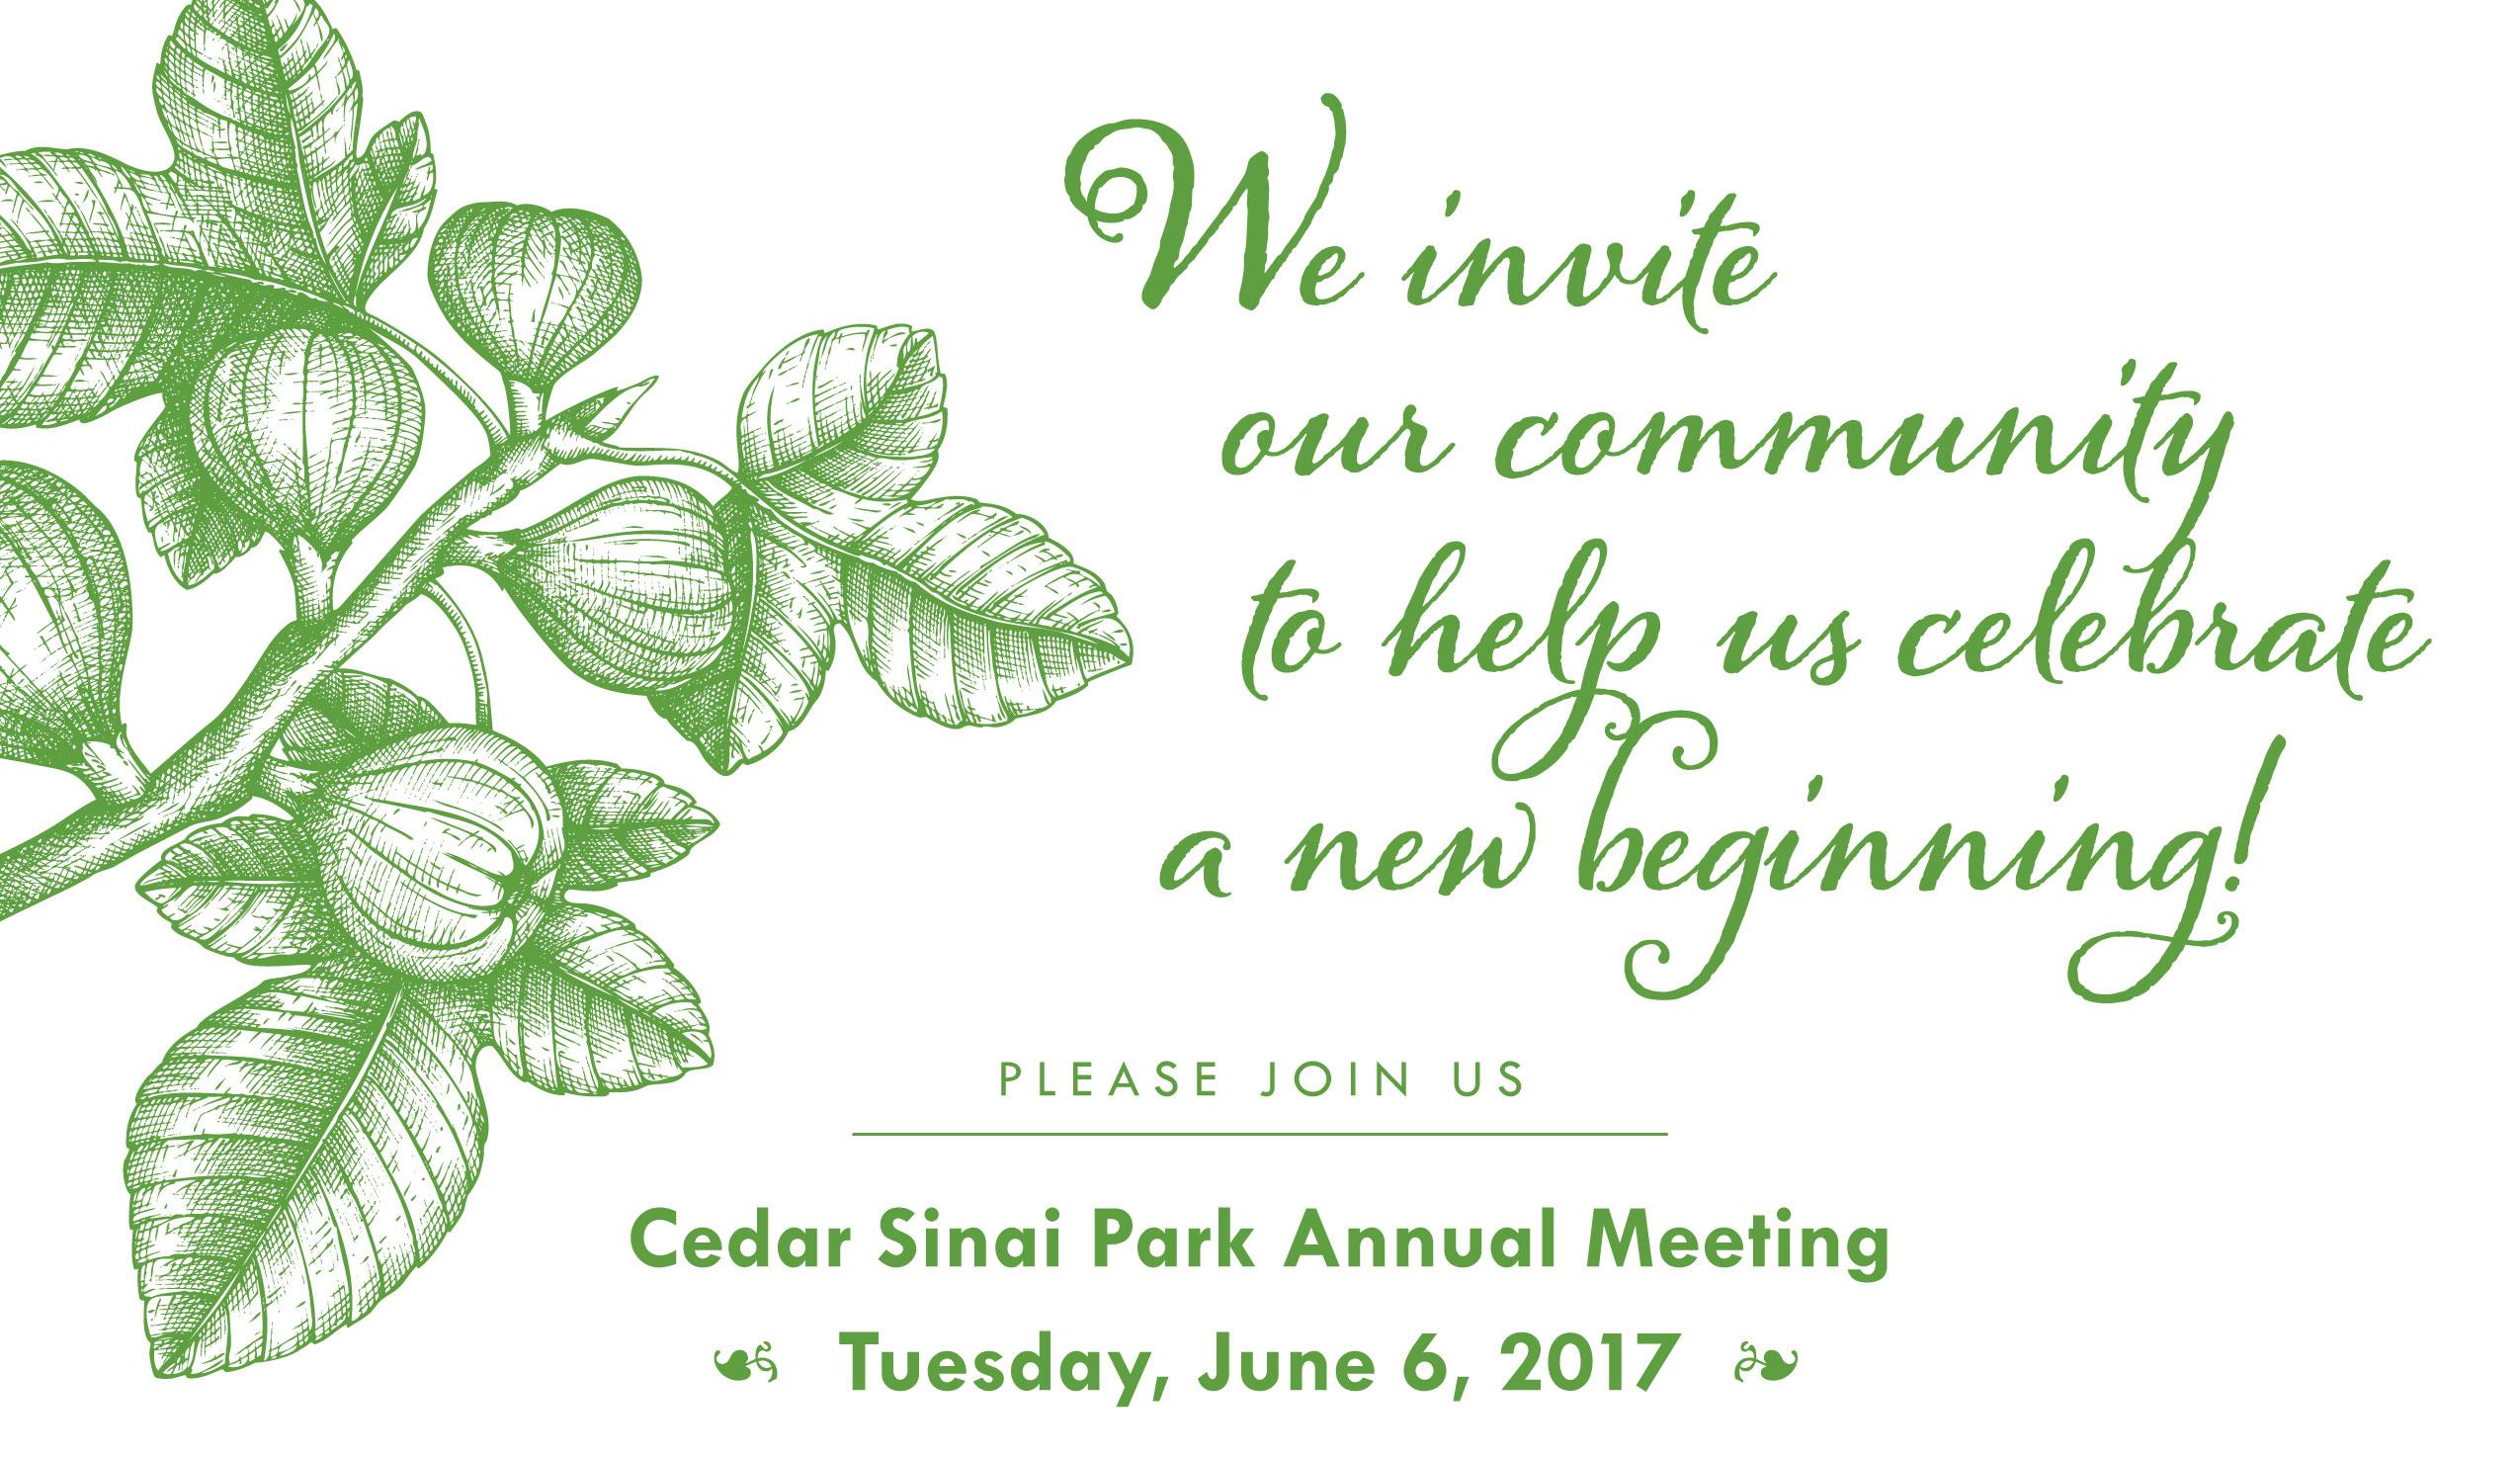 2017 Cedar Sinai Park Annual Meeting of the Board